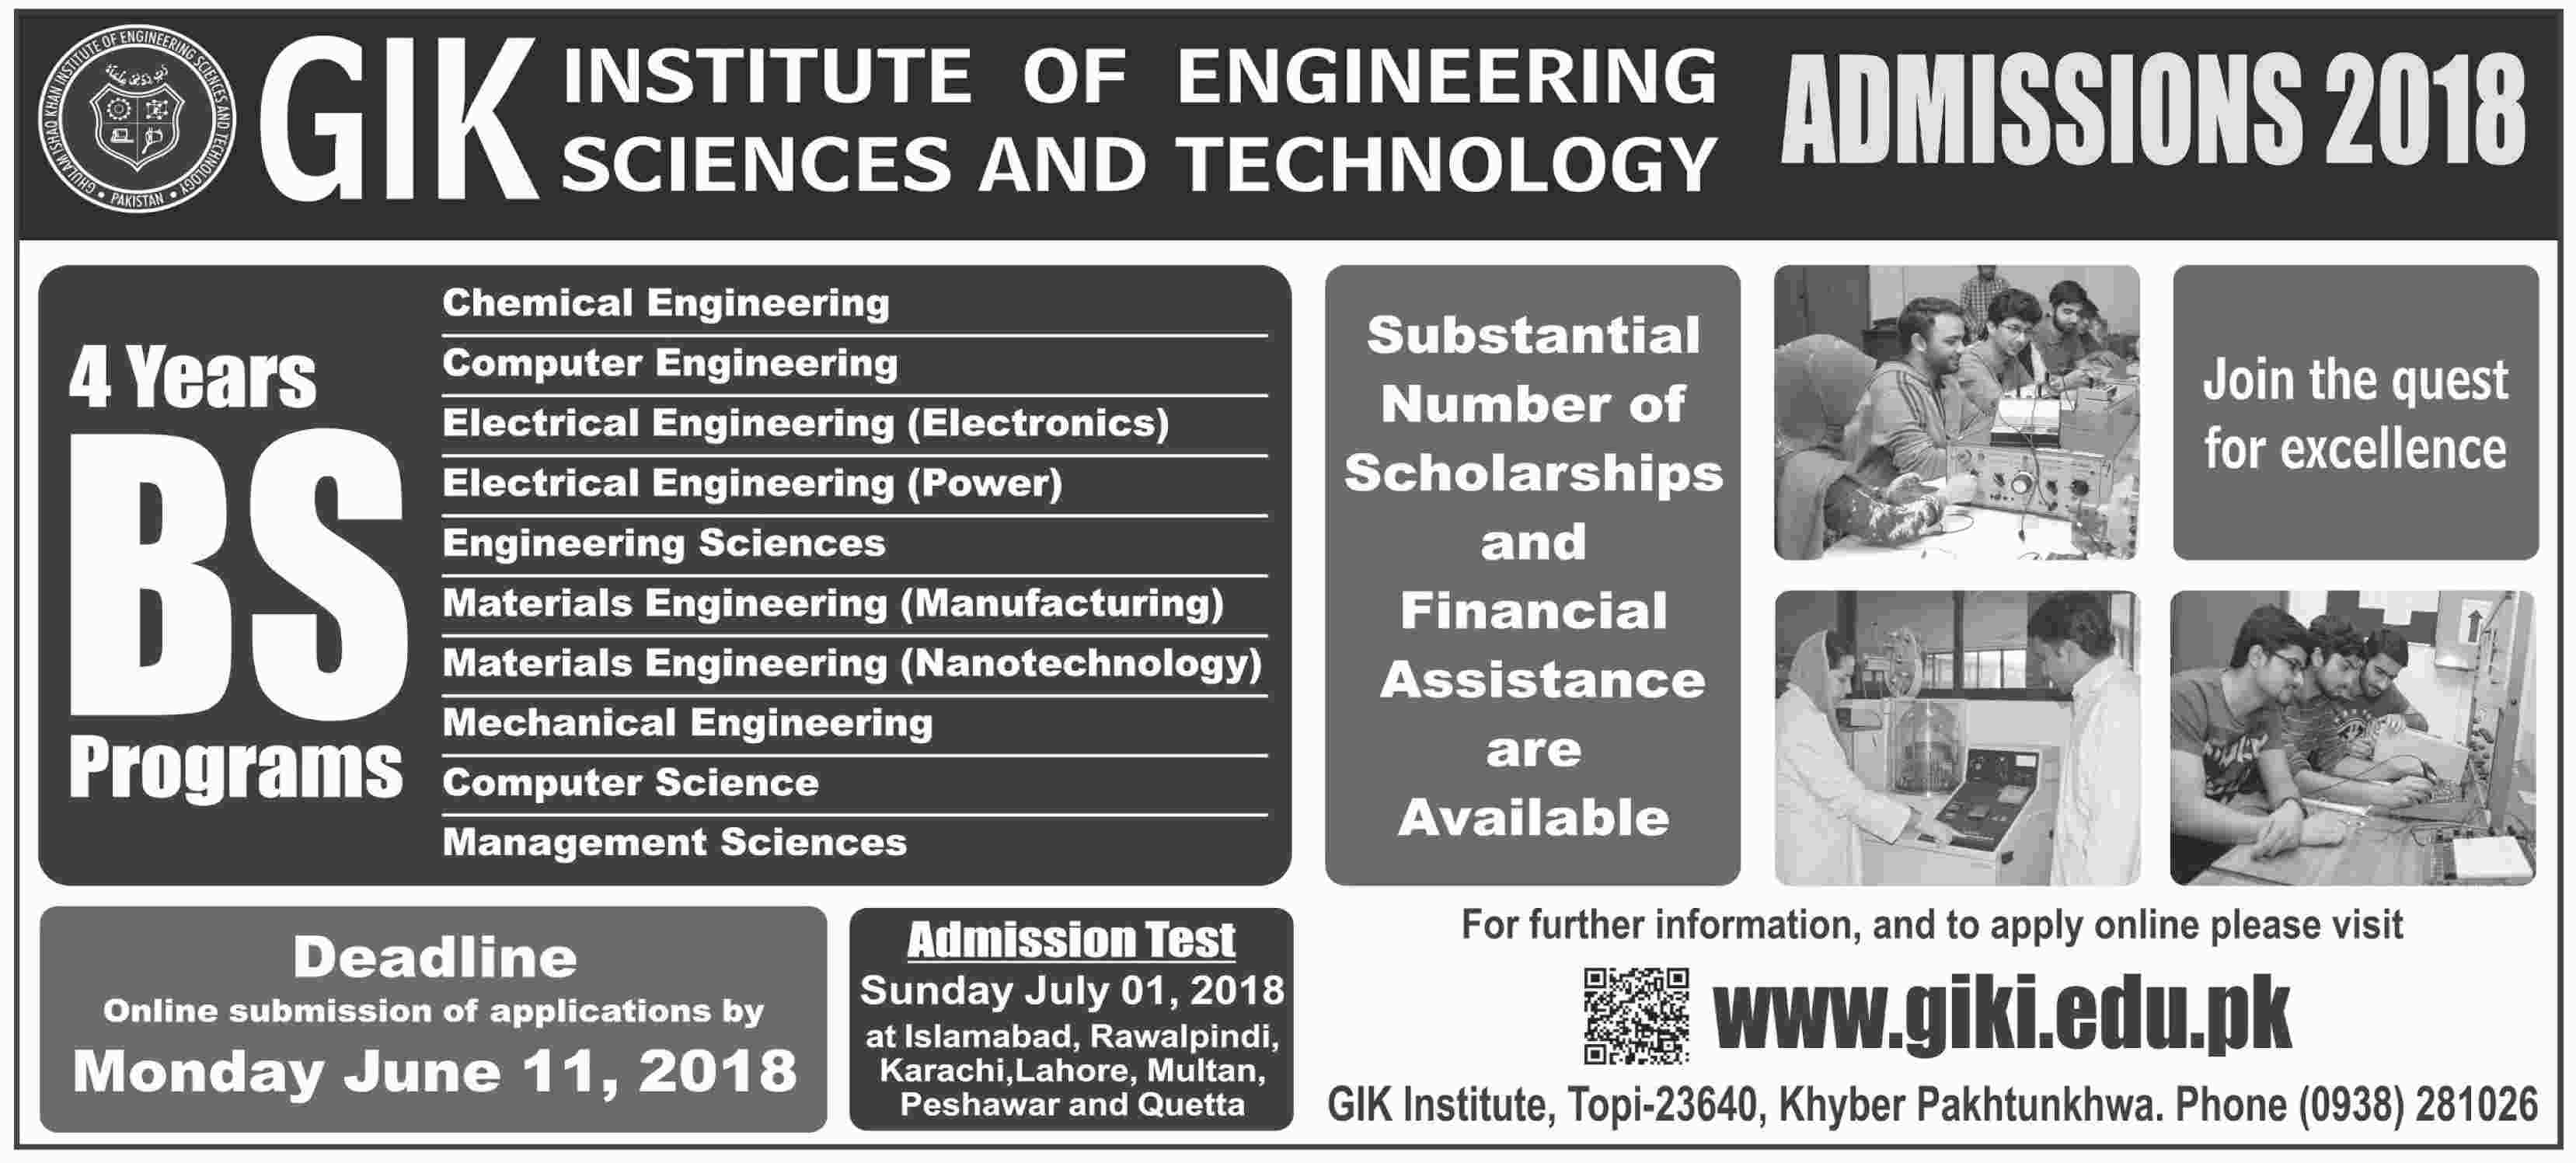 GIKI Undergraduate Admissions 2018